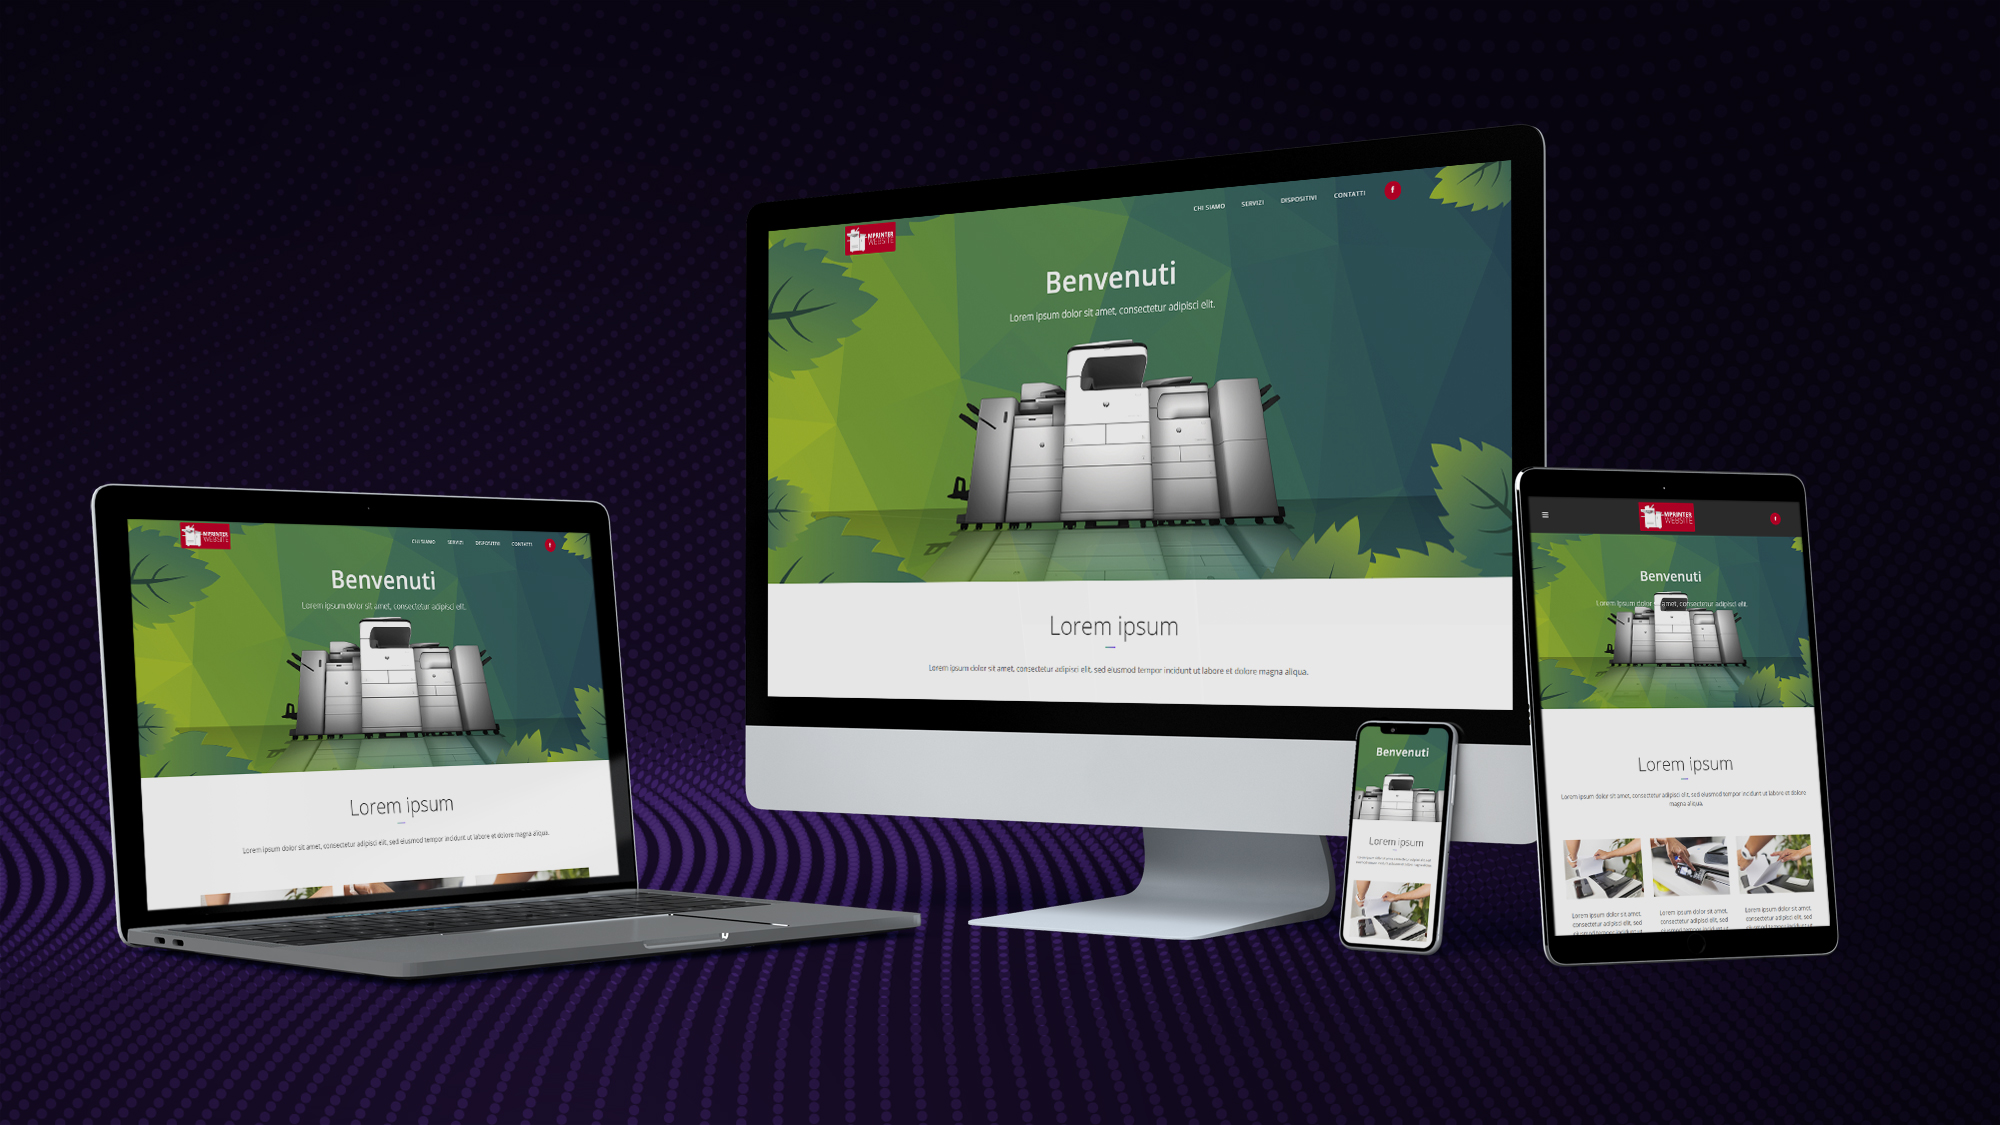 nuovo sito web cinisello